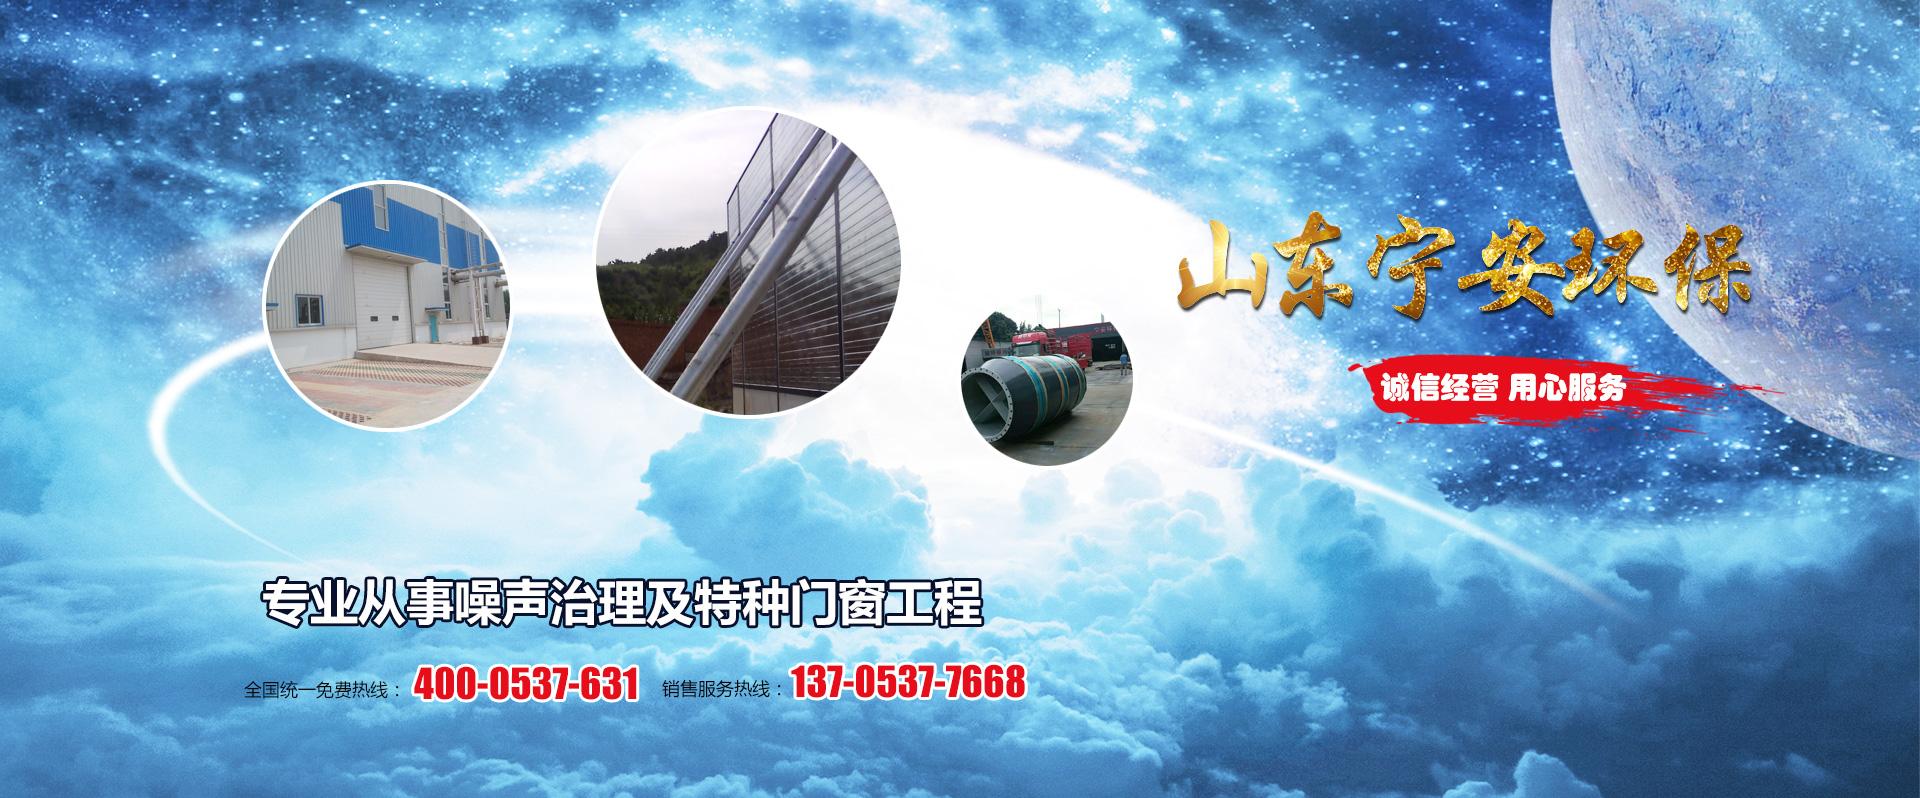 宁安环保工程